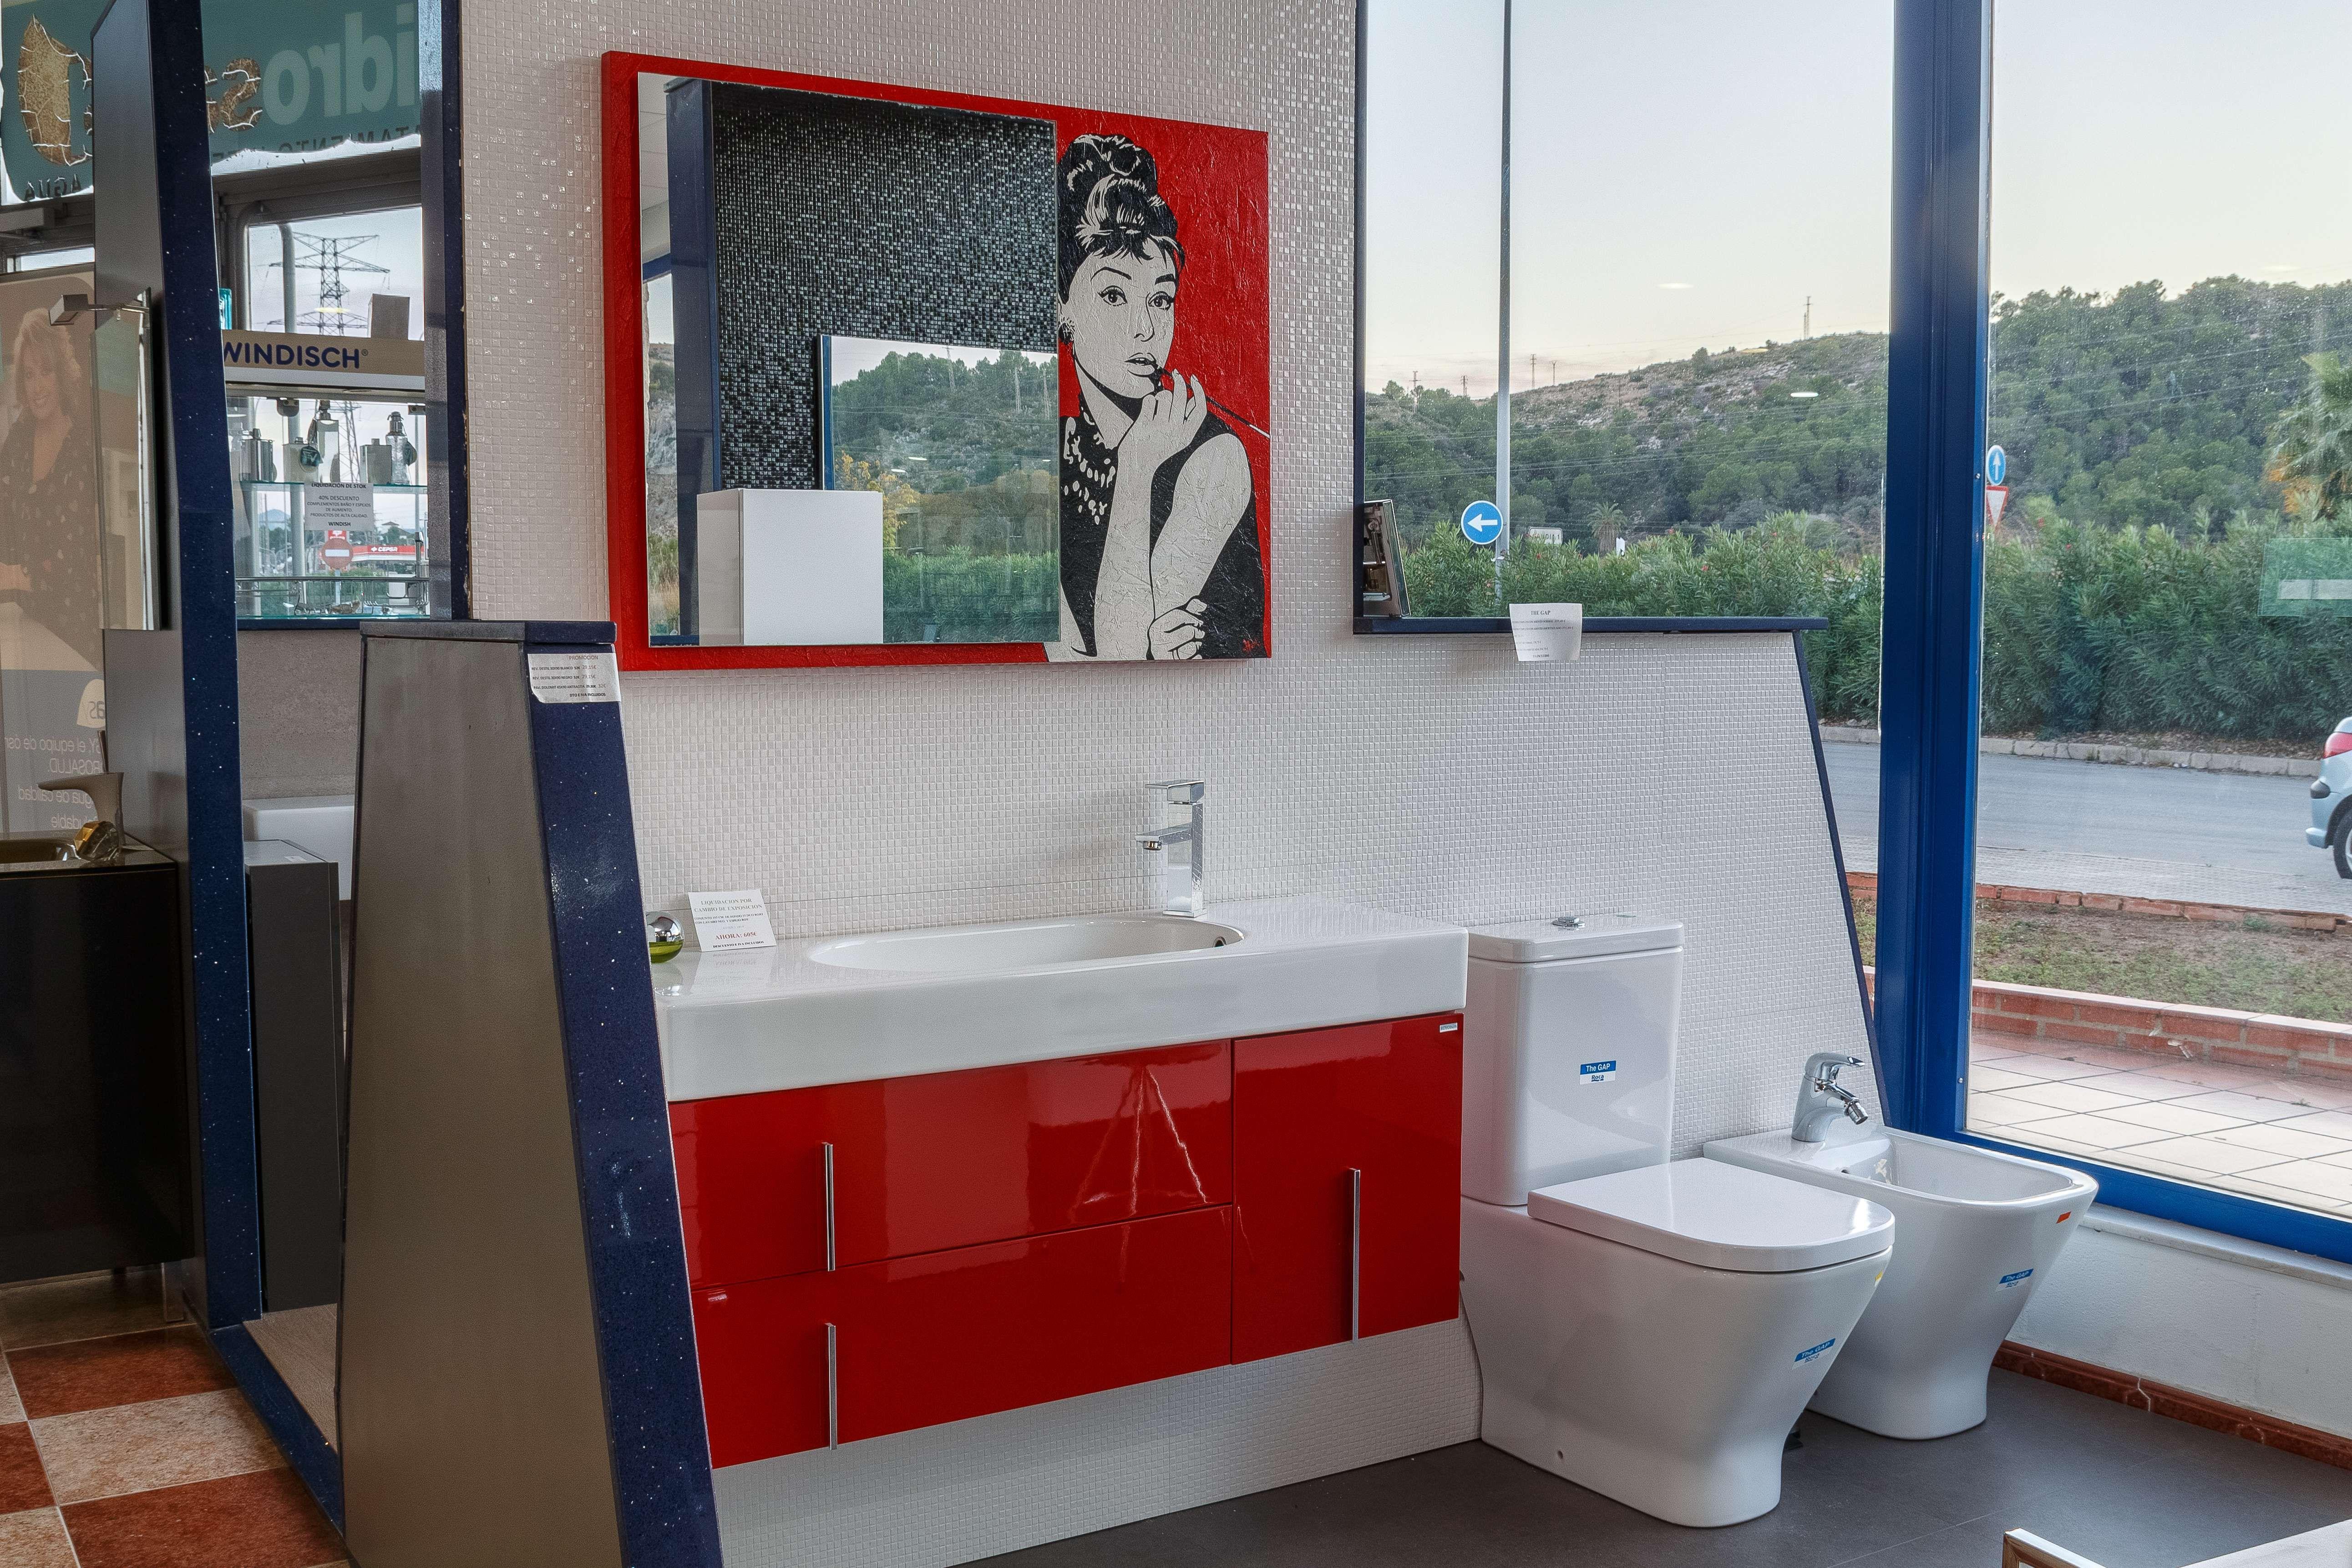 Venta de saneamientos en Gandía